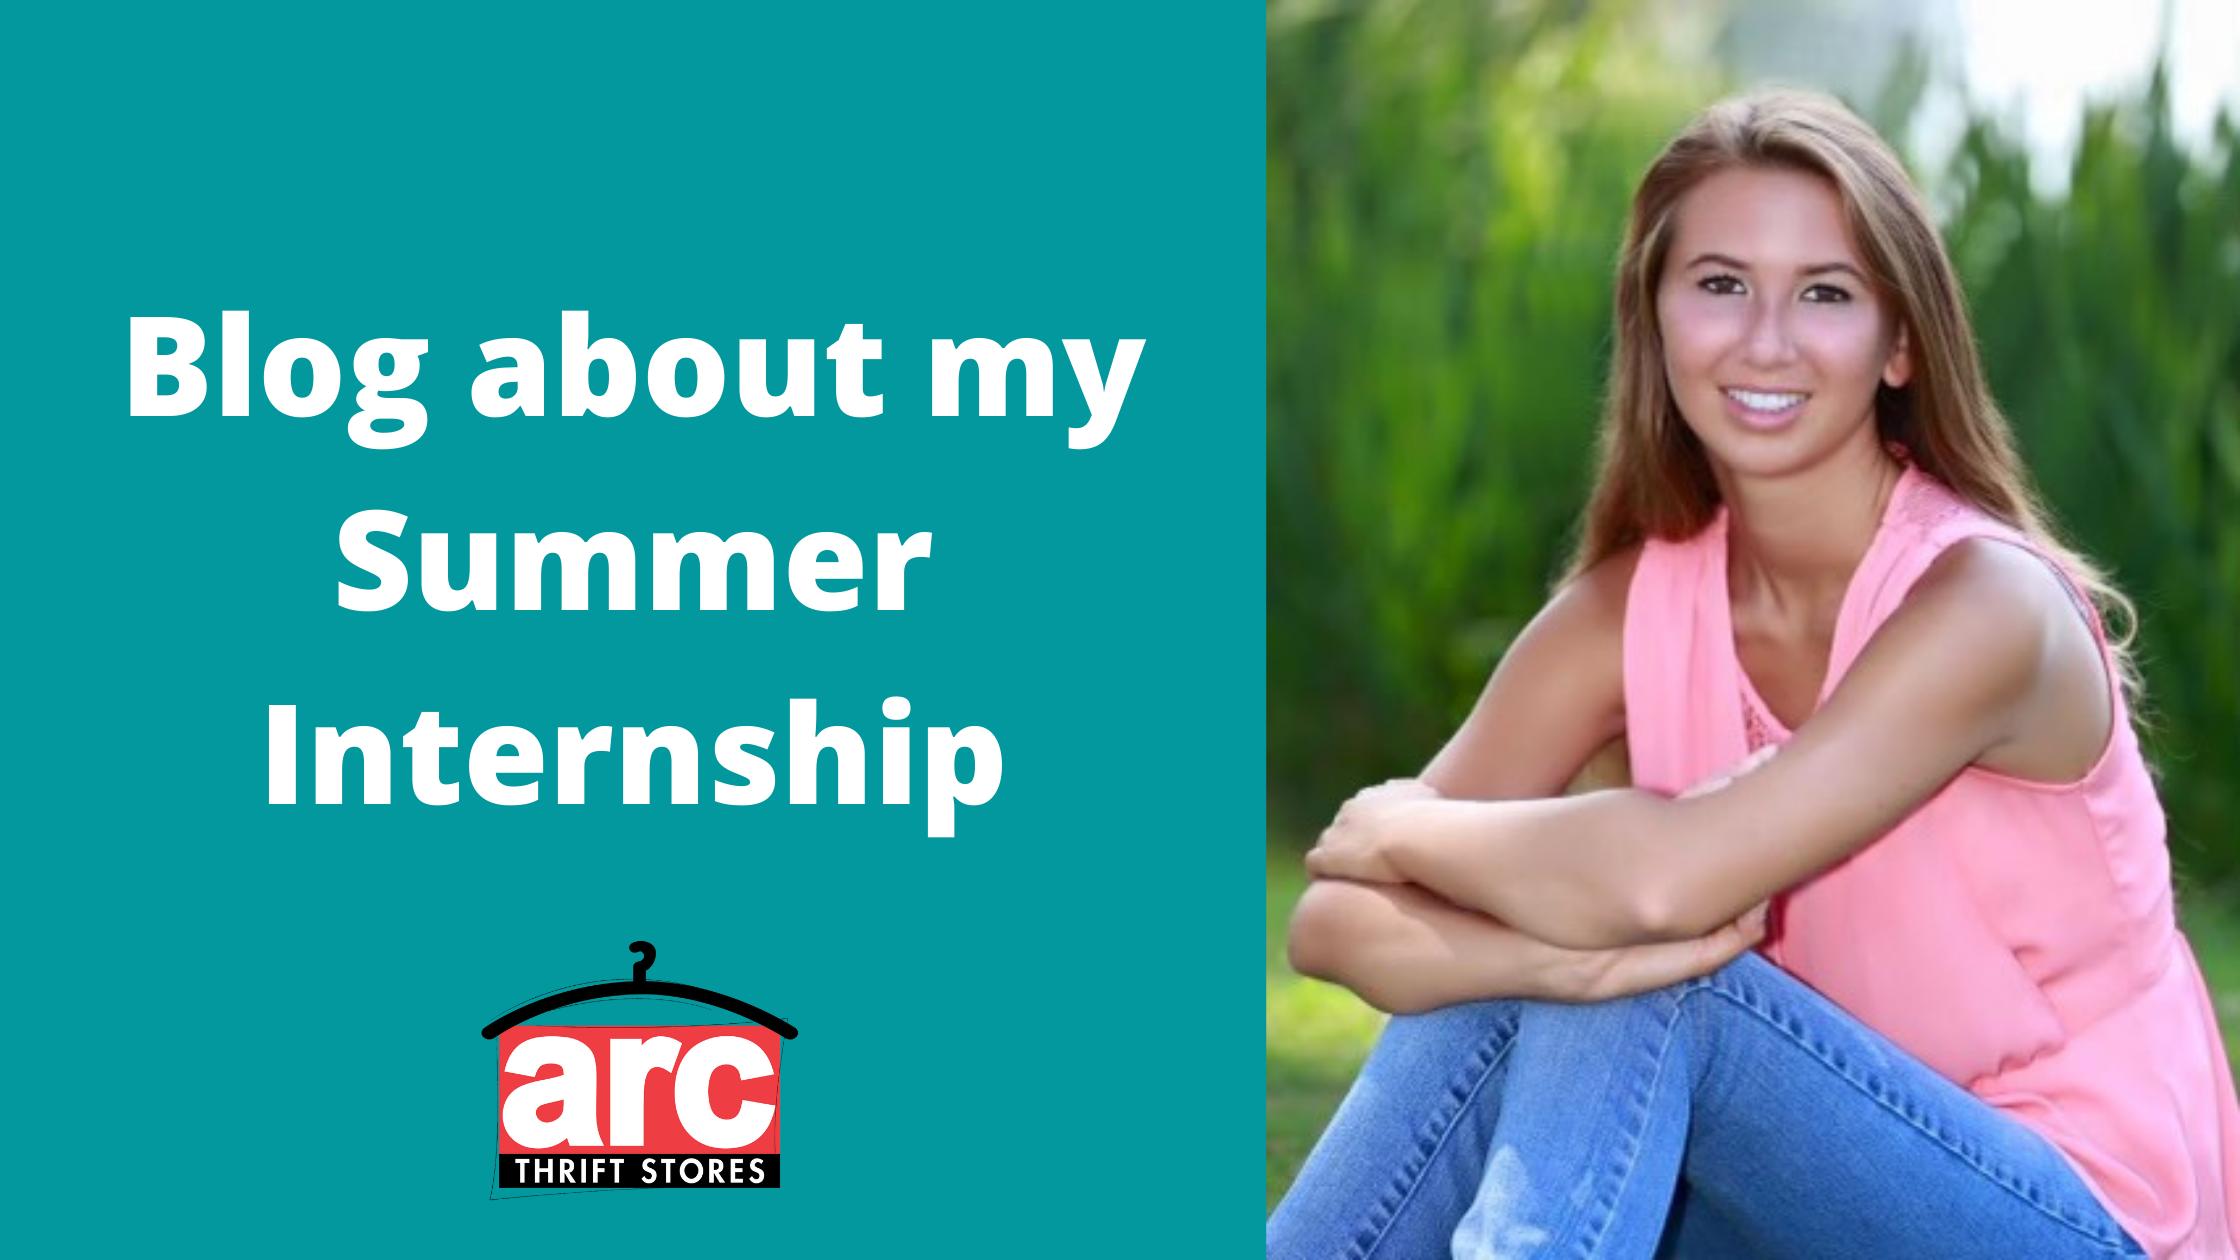 Blog about my Summer Internship